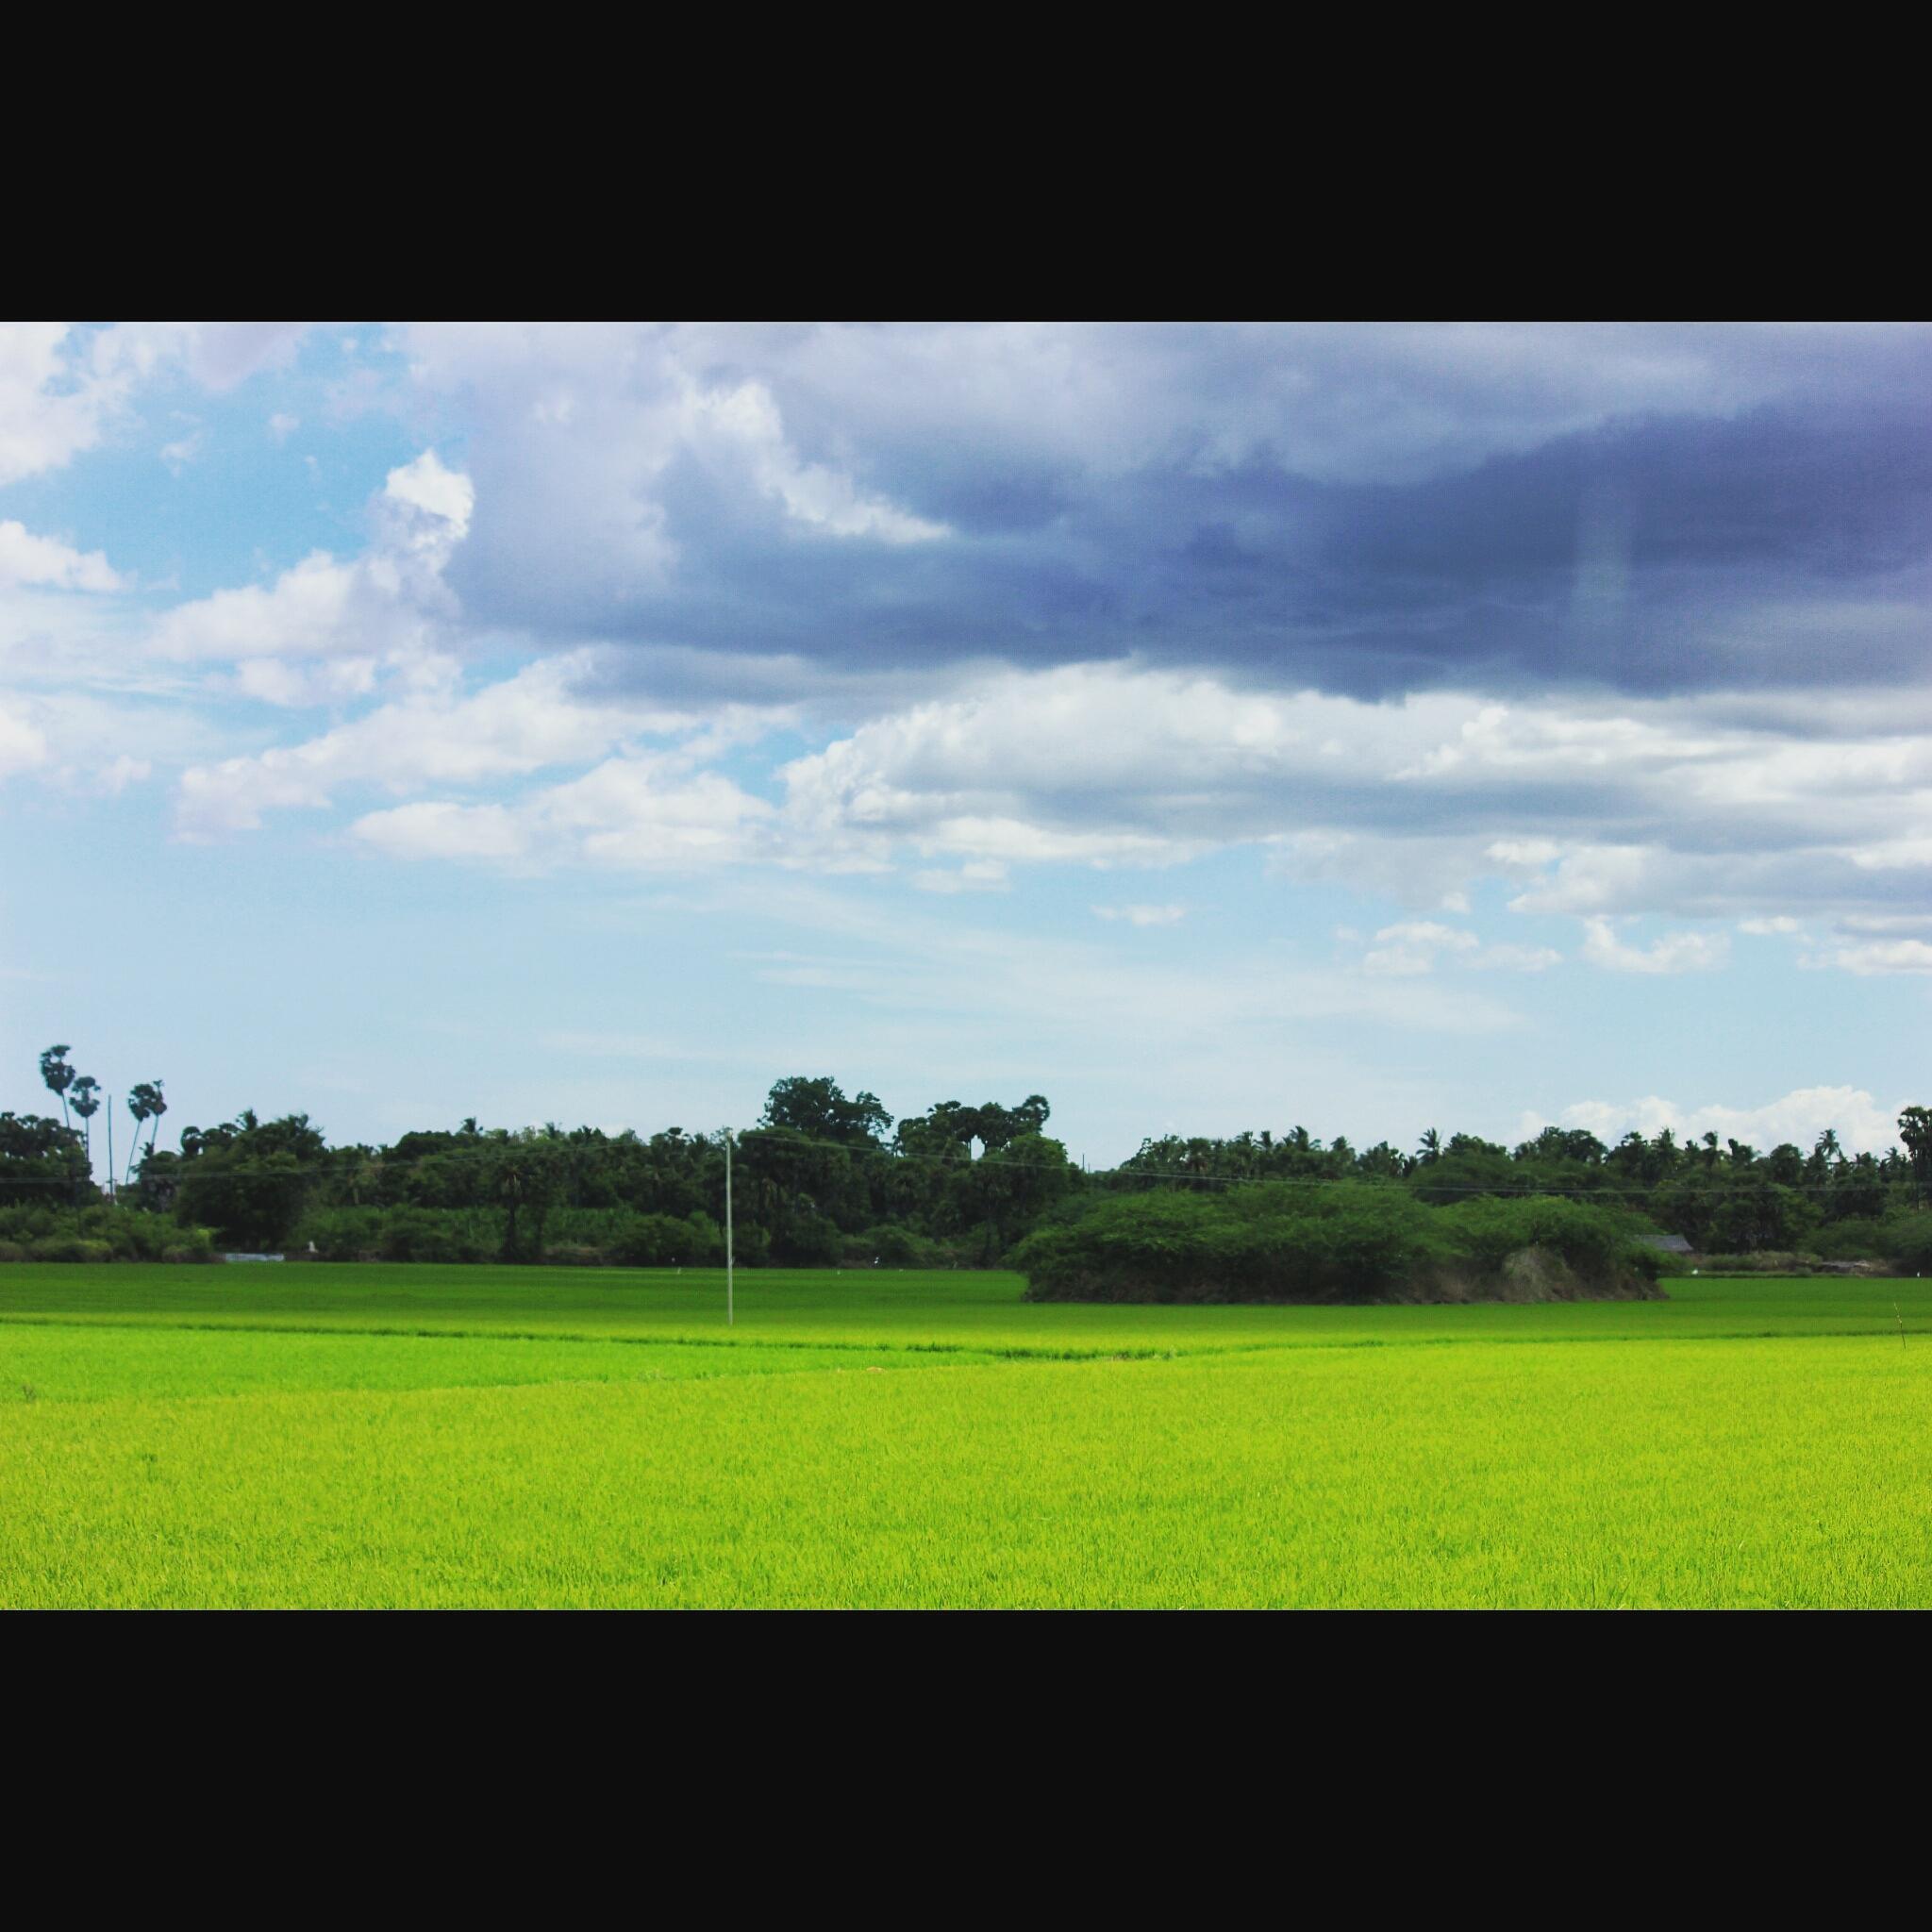 Farming scenes  by Raji Selvakumar